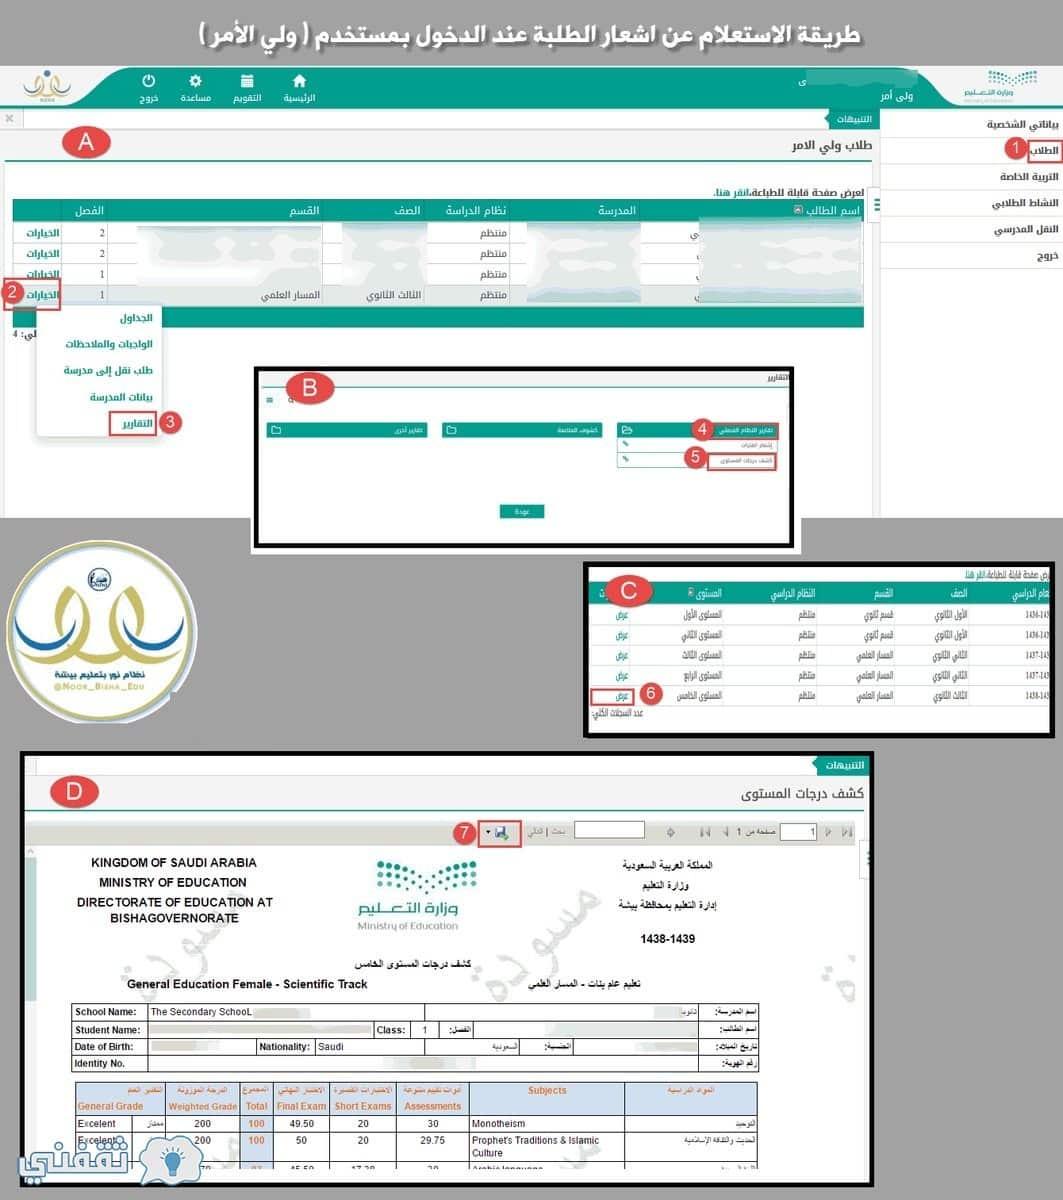 نظام نور بدون رقم سري 1439| رابط استعلام نتائج الطلاب وطريقة التسجيل في موقع Noor